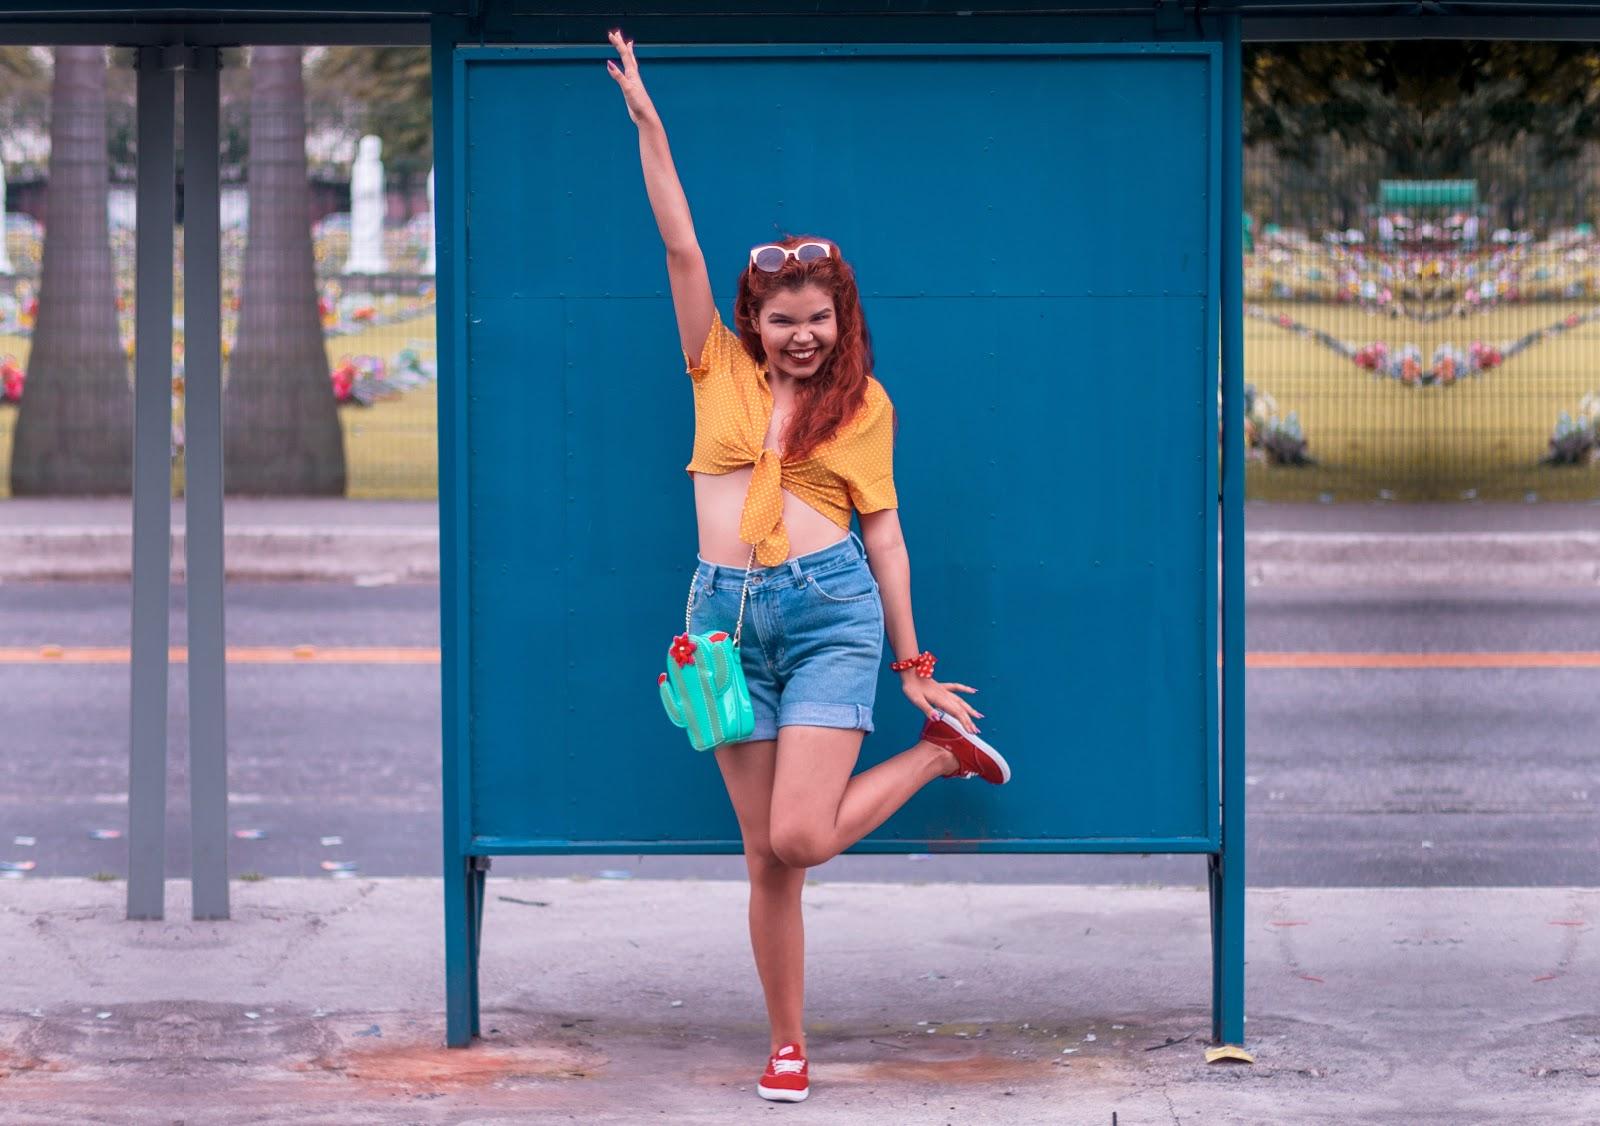 Look vintage blusa nózinho mostarda de bolinhas, shorts jeans, tênis vermelho keds, look paleta mostarda - vermelho